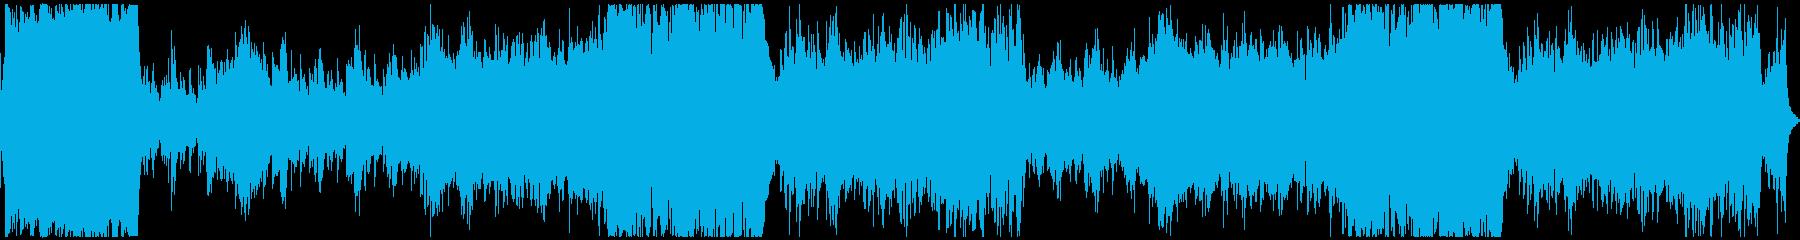 緊張感のあるオーケストラ風の再生済みの波形